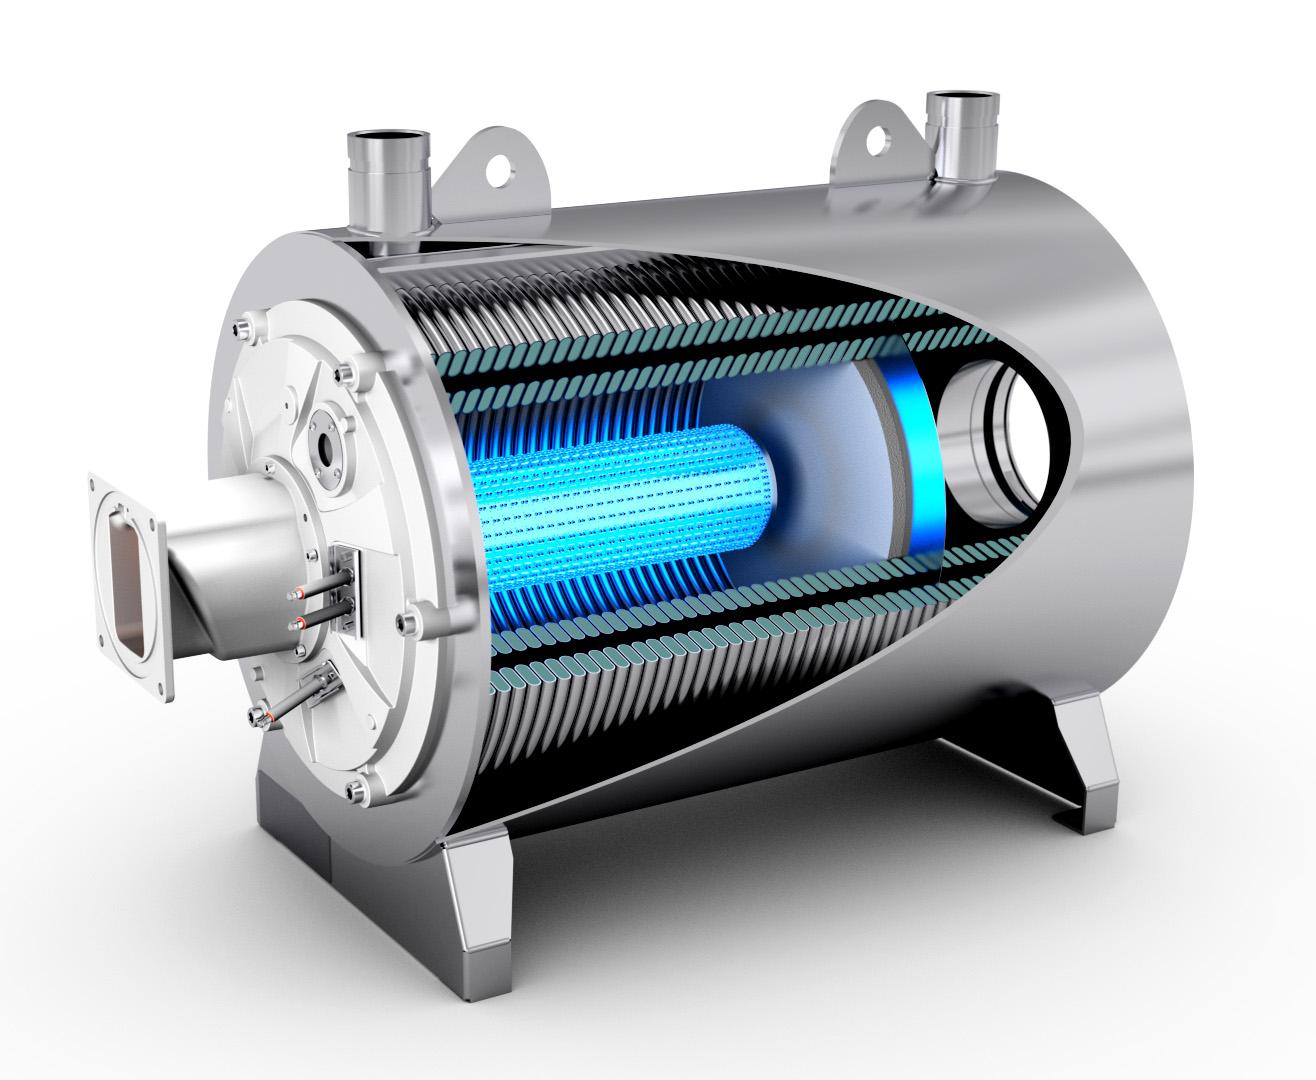 Enlightone: Ultra High Efficiency Hot Water